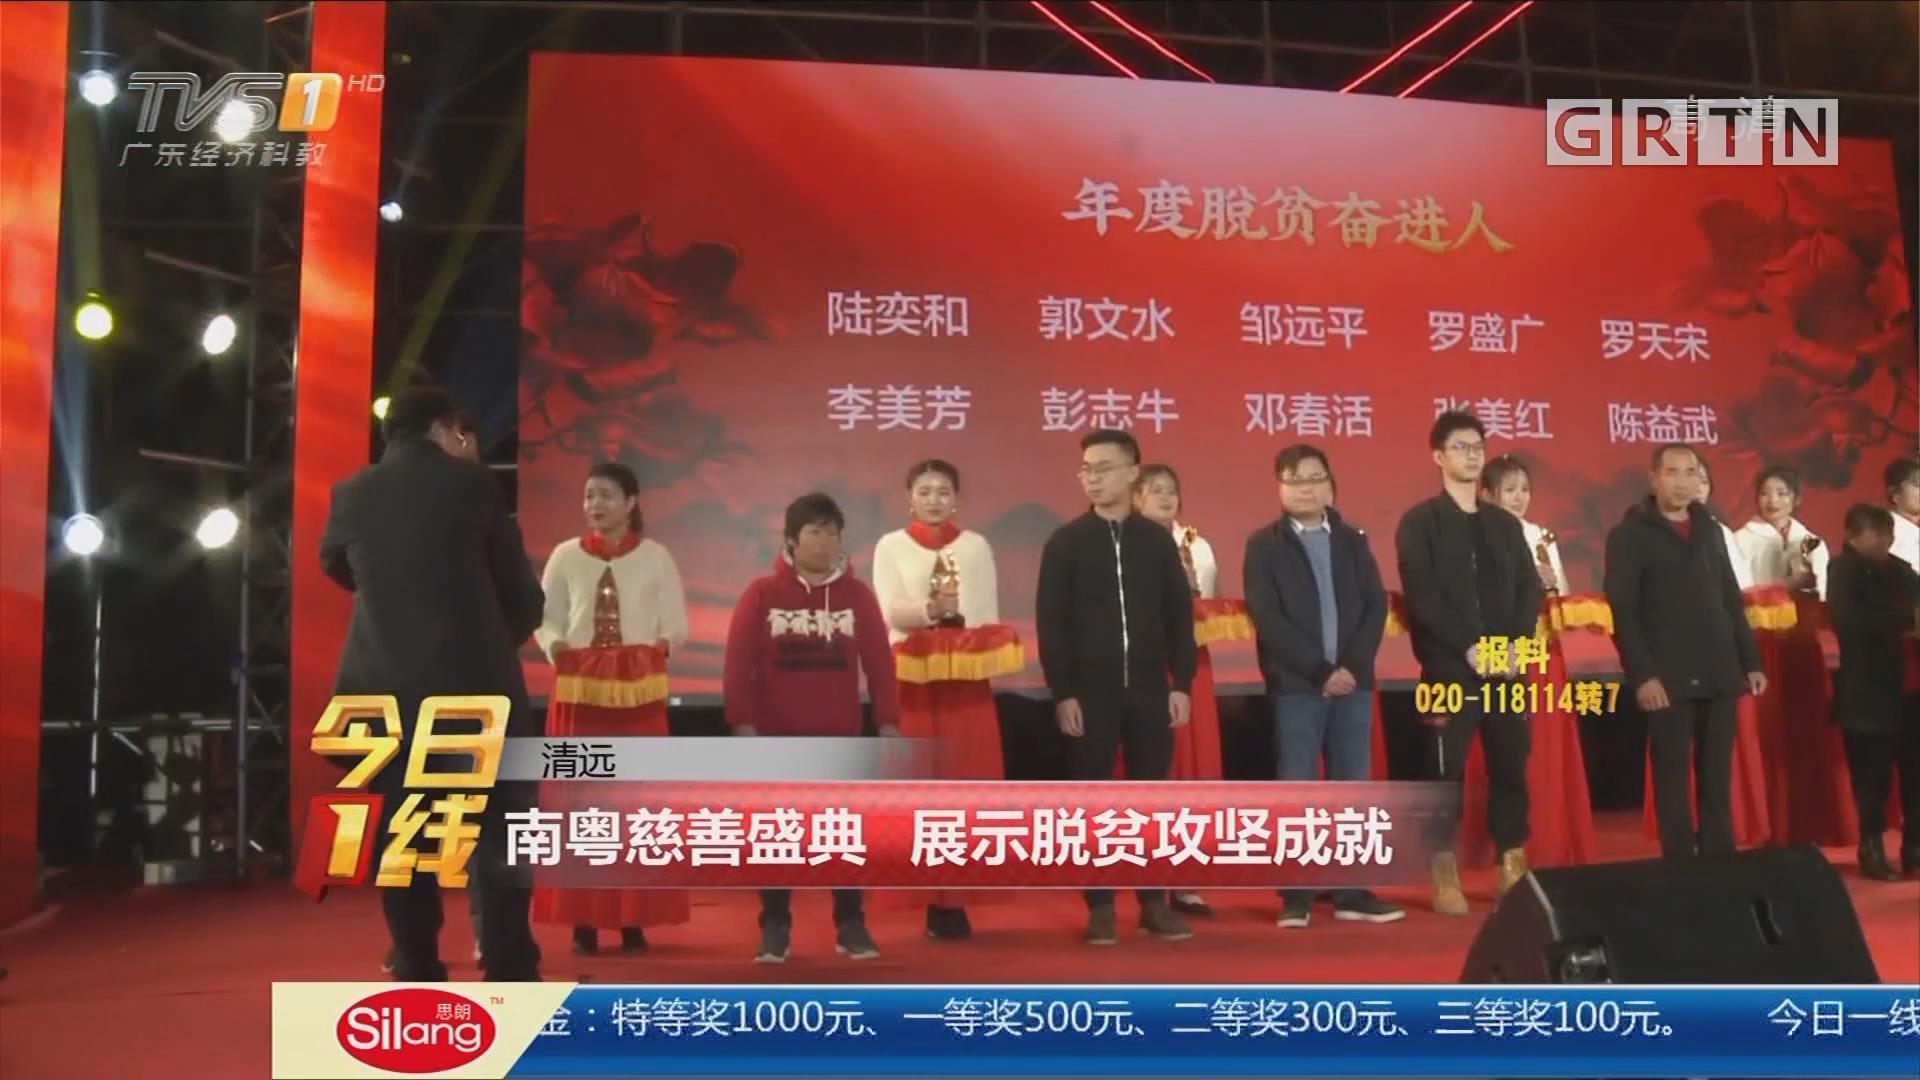 清远:南粤慈善盛典 展示脱贫攻坚成就